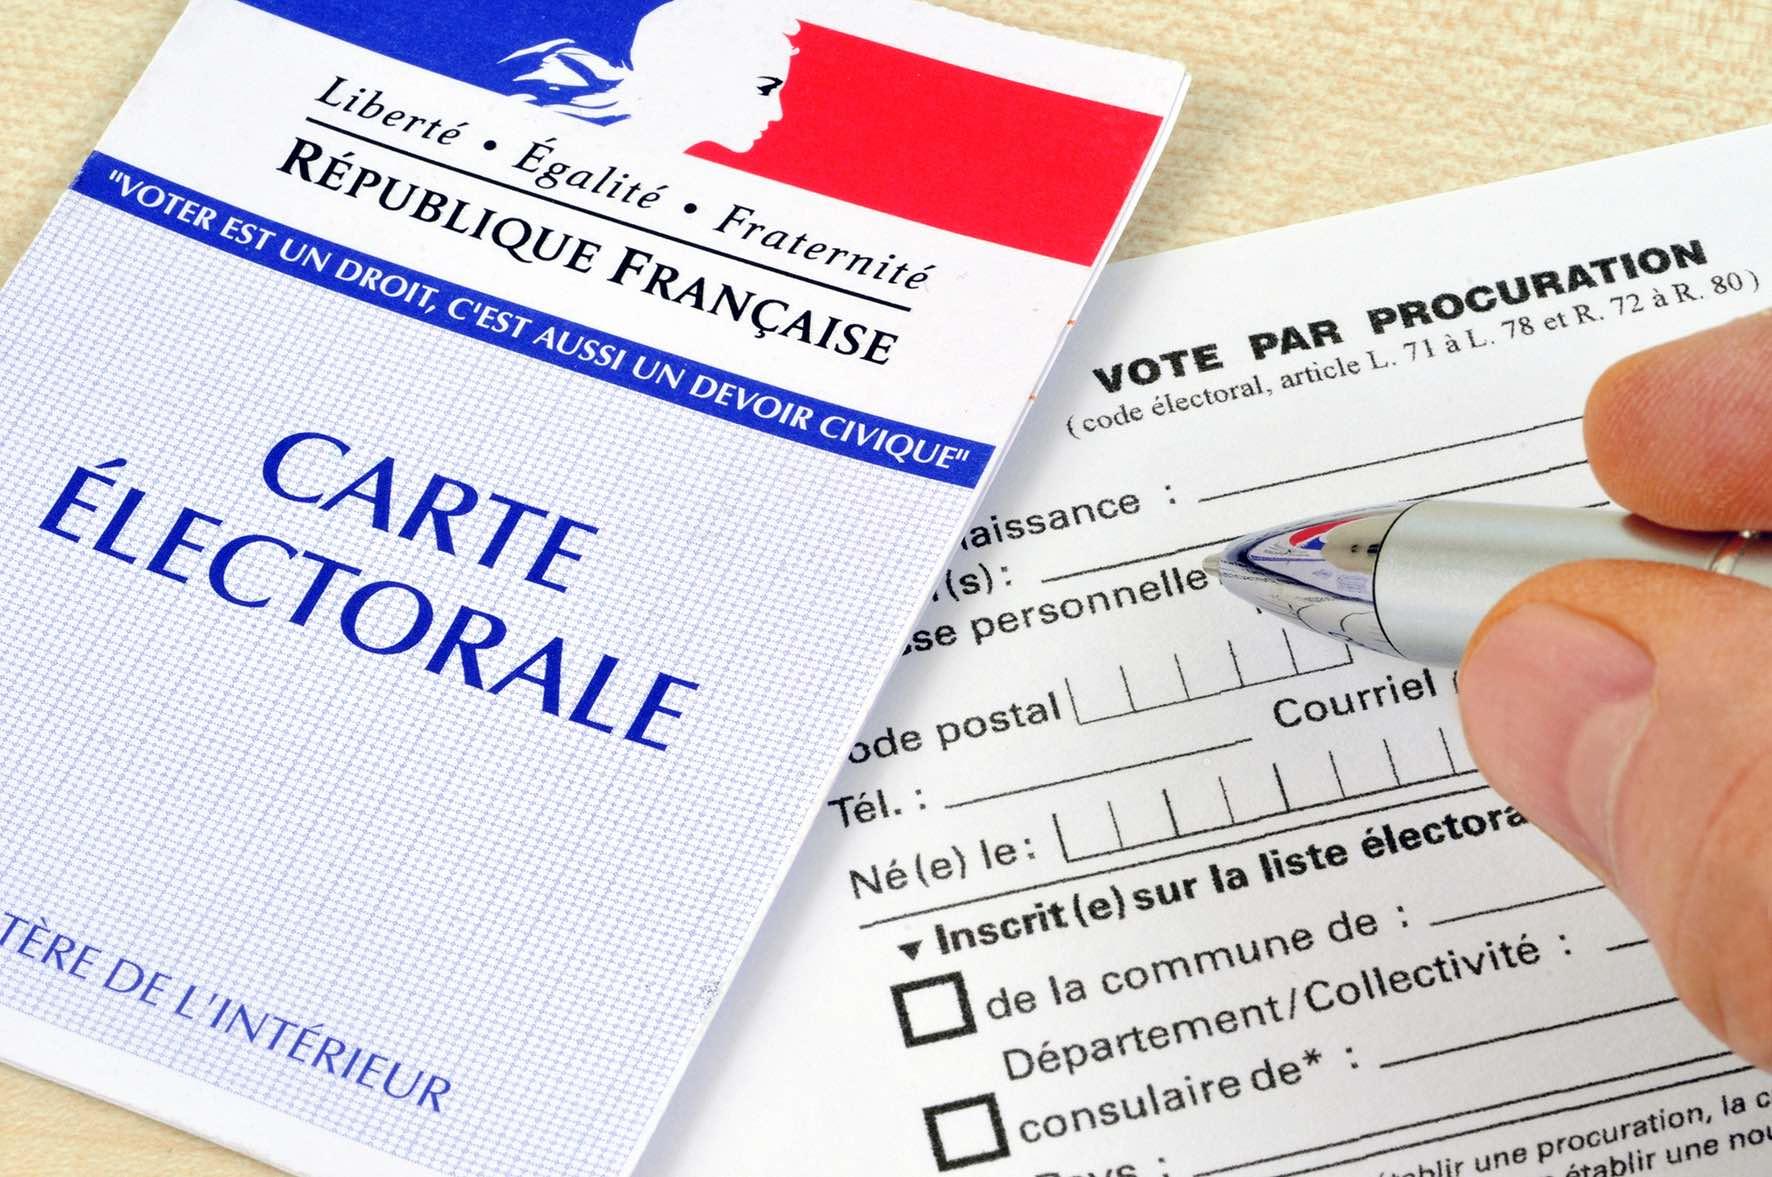 établir Une Procuration De Vote La France à Singapour